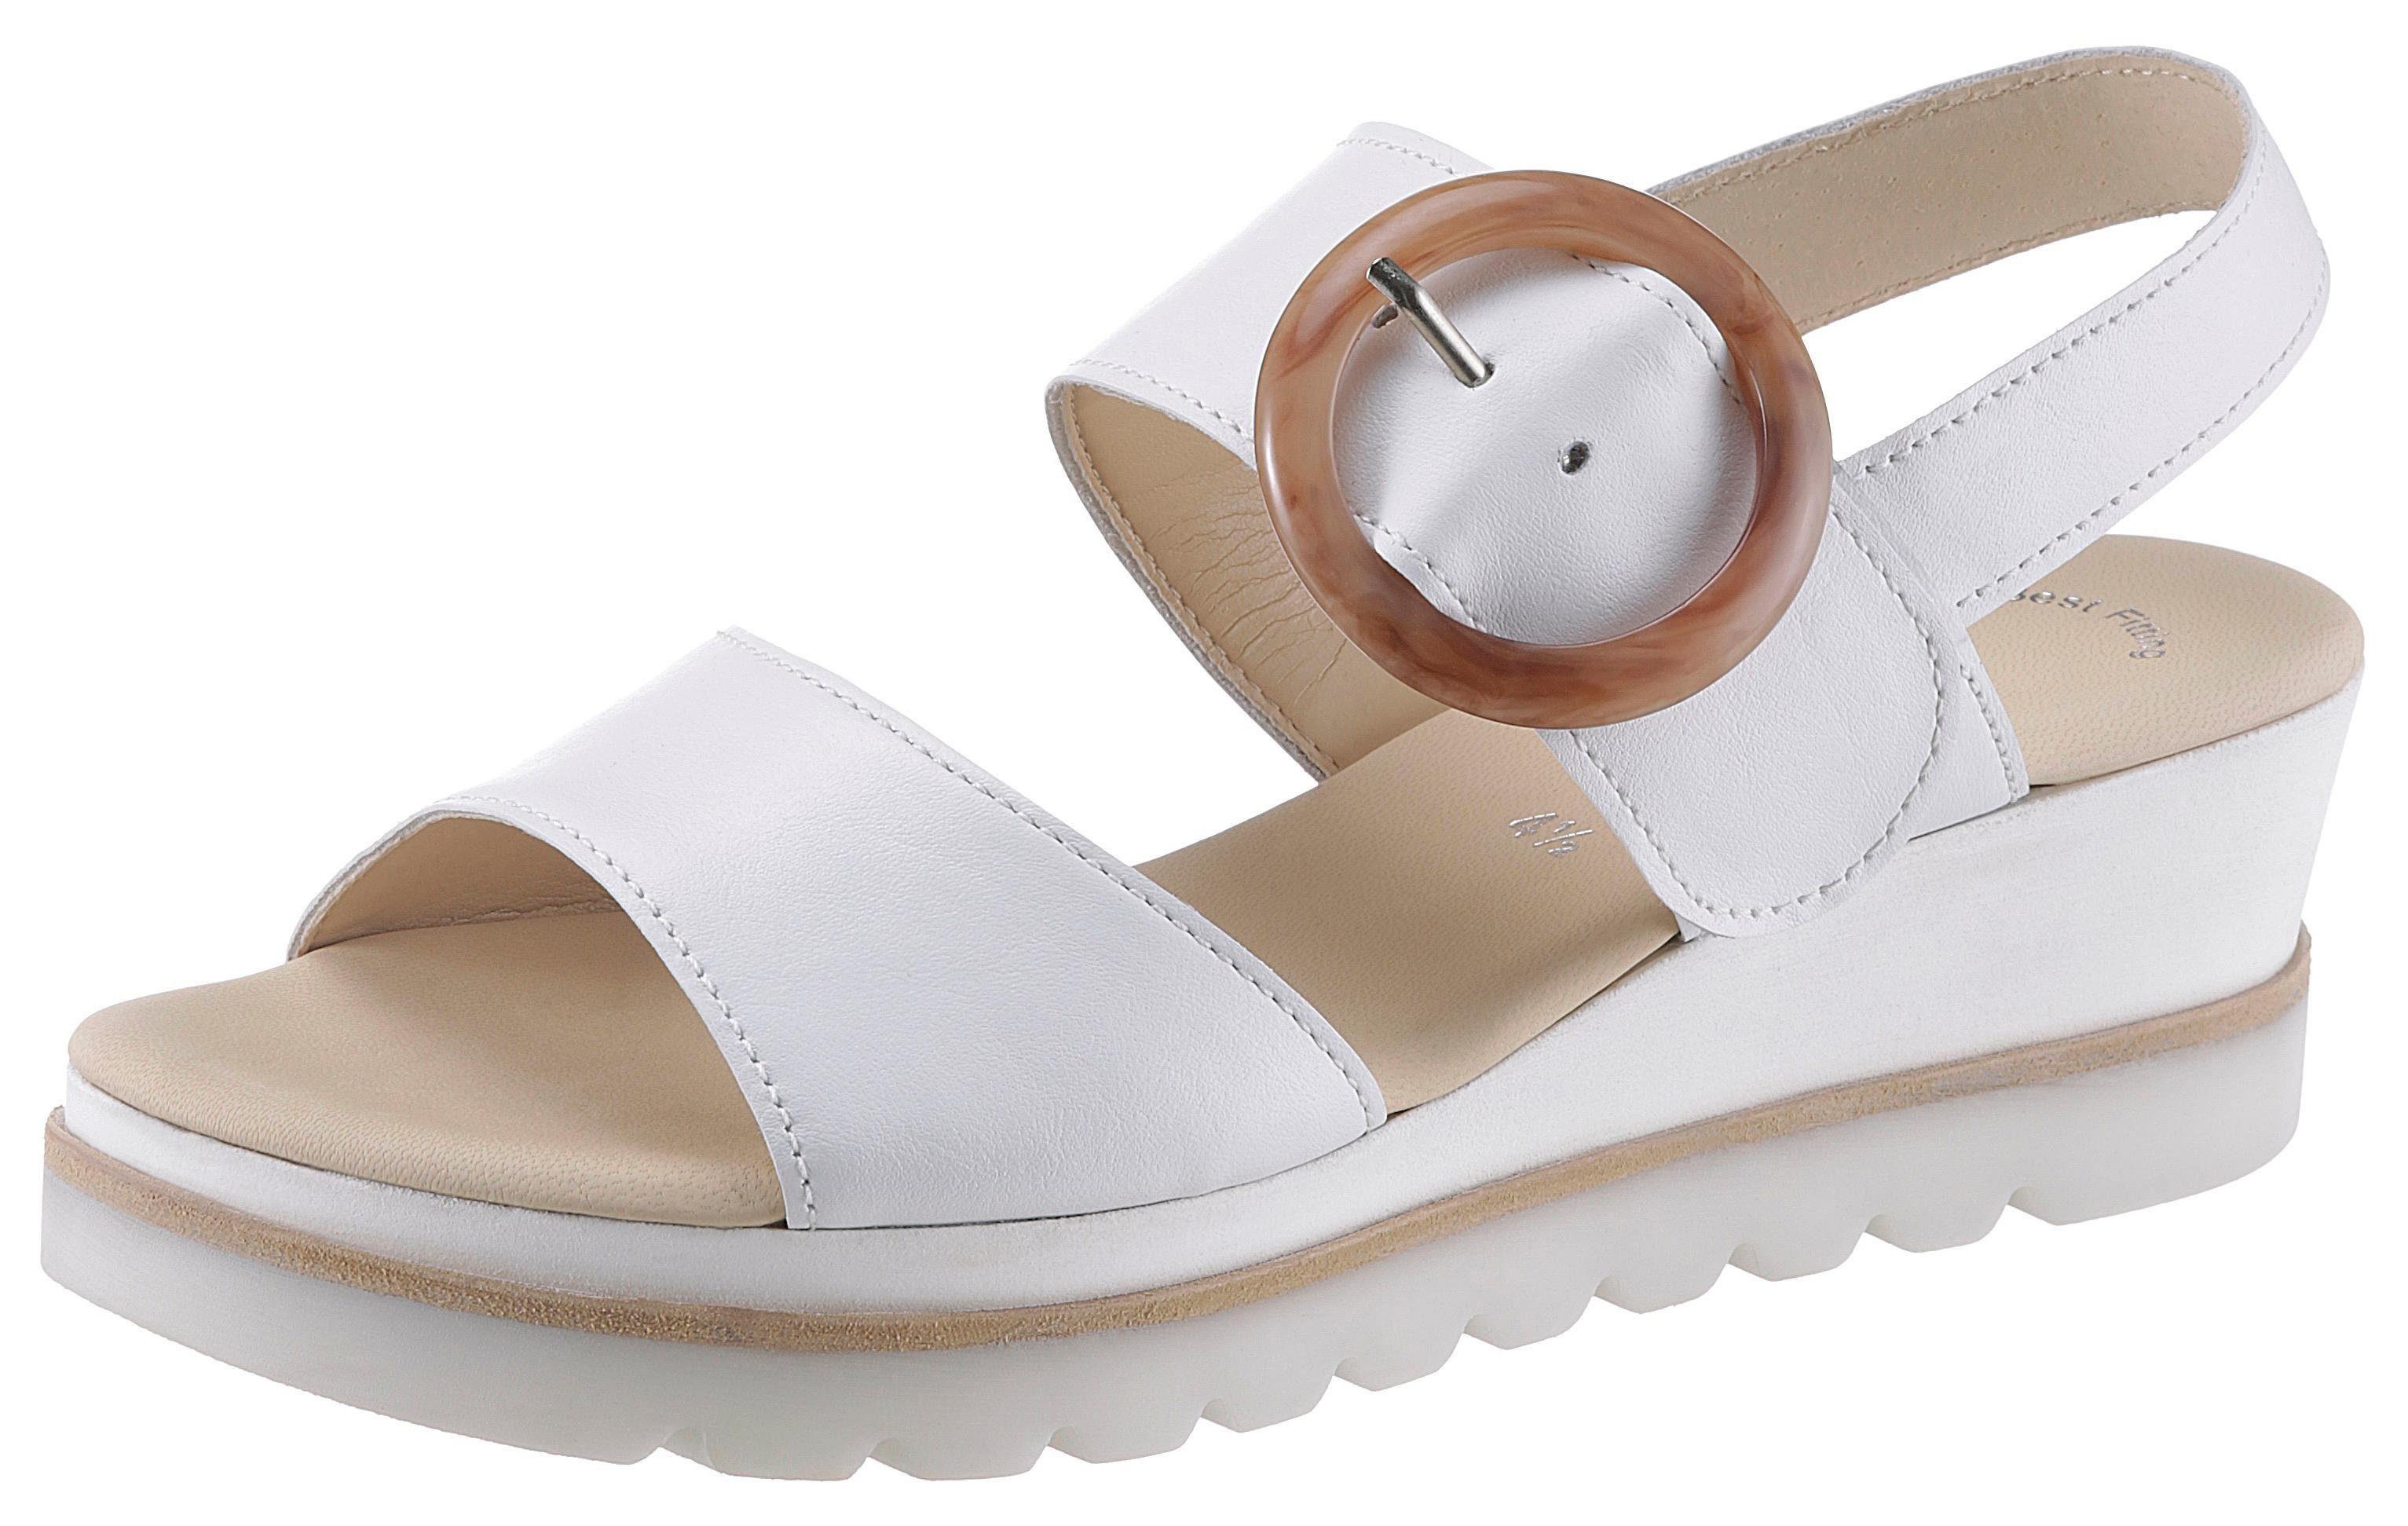 Gabor Sandalette mit hübscher Zierschnalle kaufen | OTTO